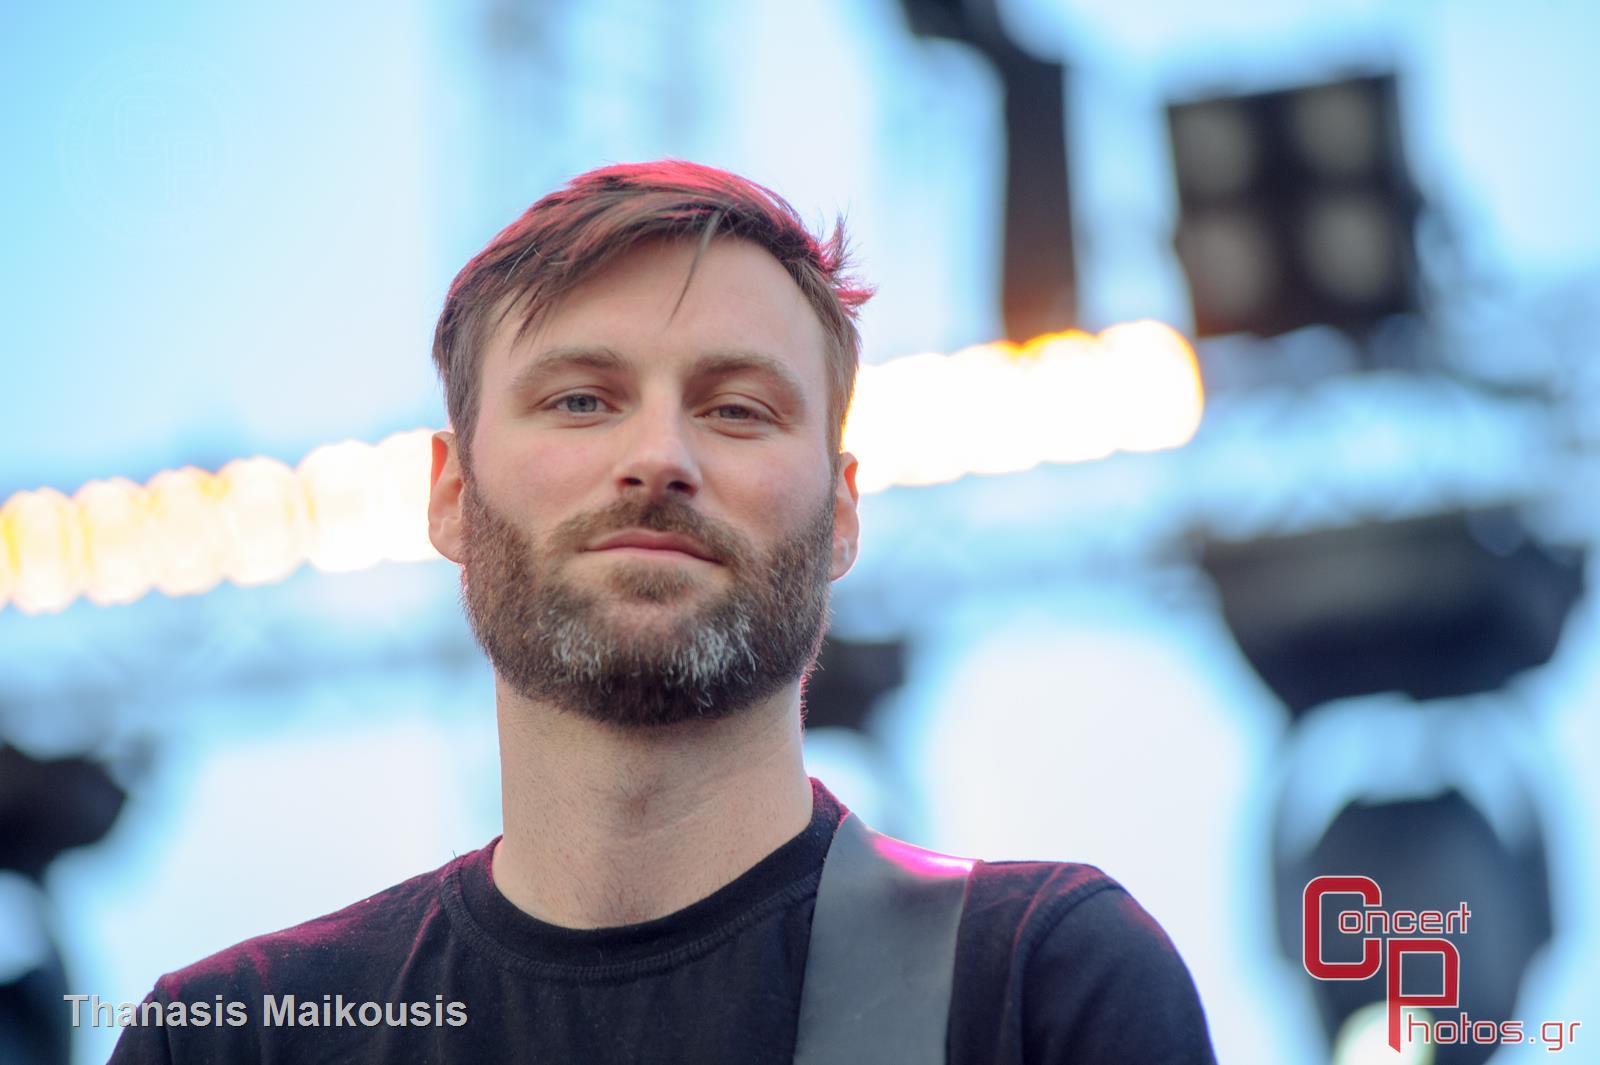 En Lefko 2014-En Lefko 2014 photographer: Thanasis Maikousis - concertphotos_20140620_19_33_44